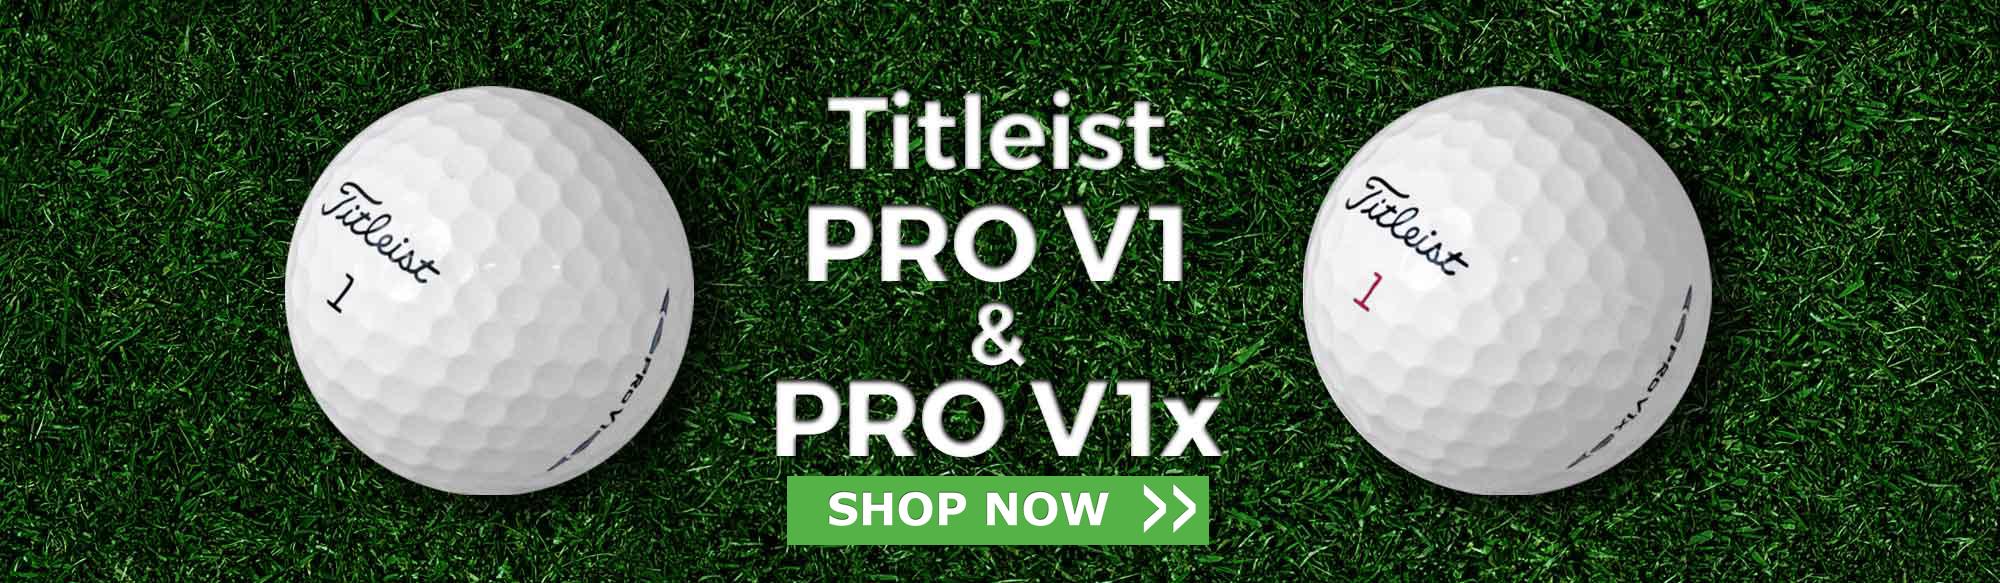 Titeist PRO V1 golf balls